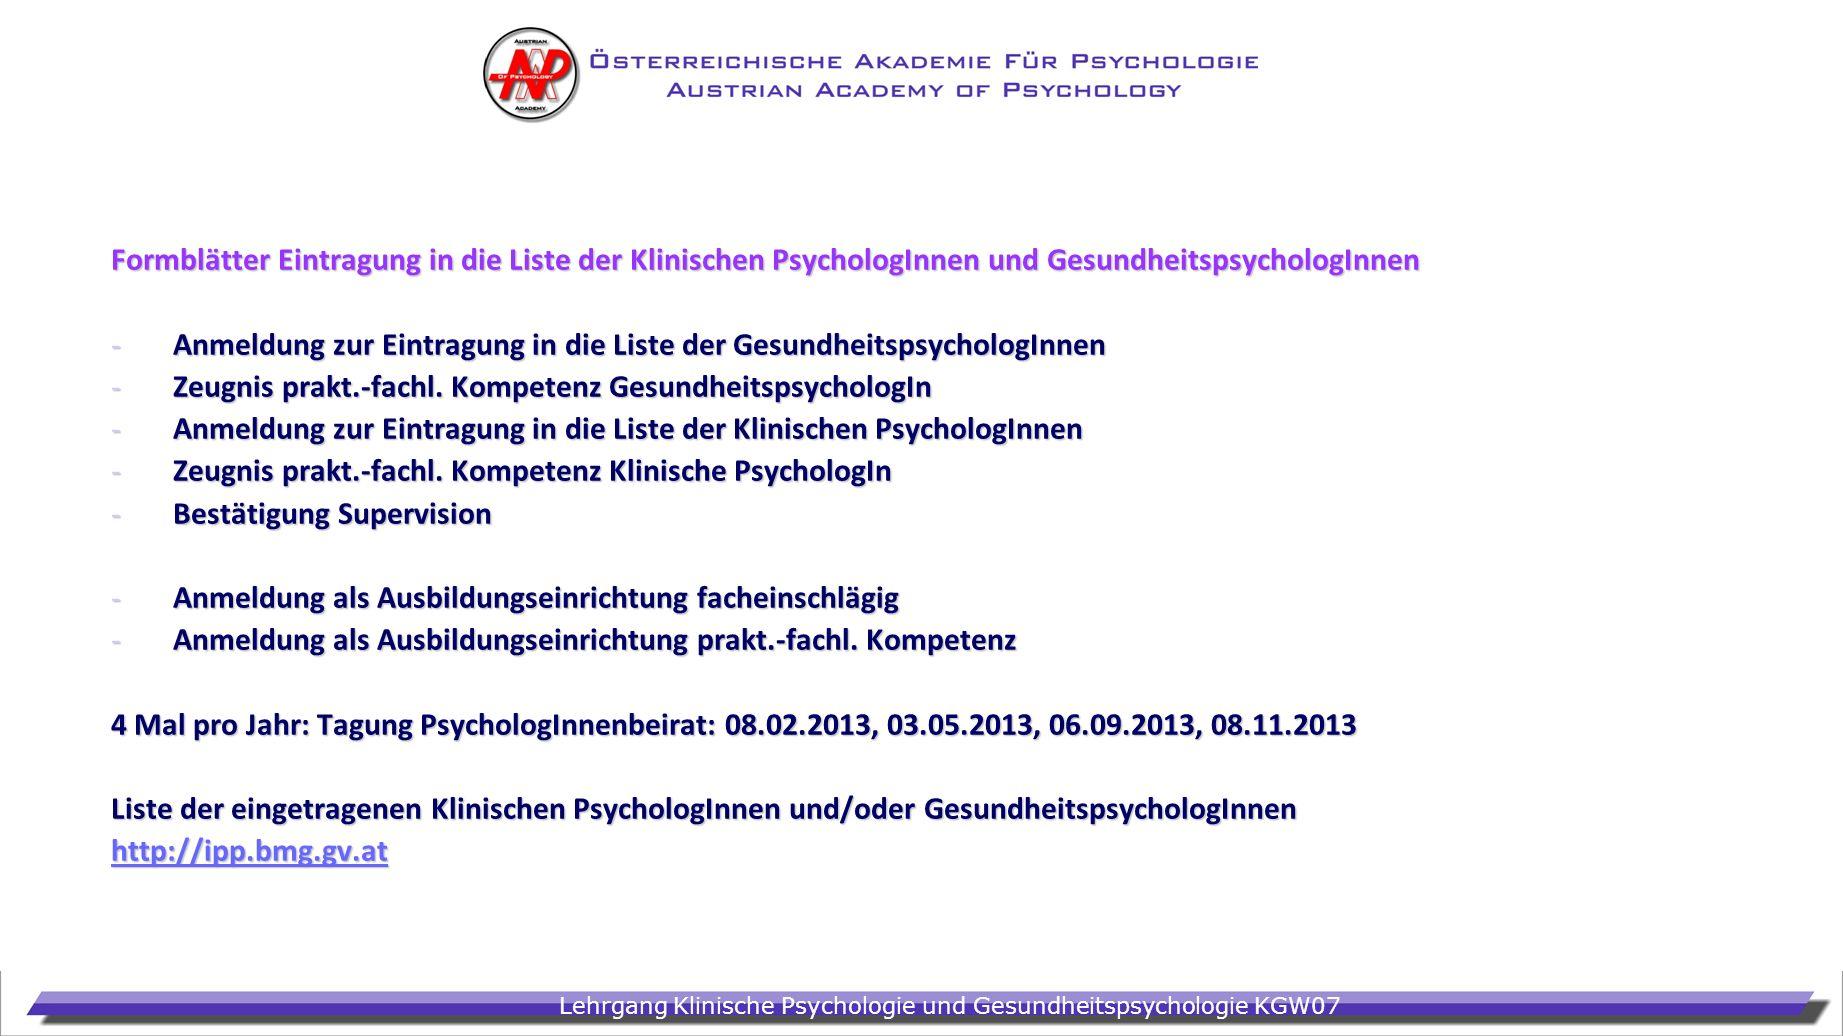 Formblätter Eintragung in die Liste der Klinischen PsychologInnen und GesundheitspsychologInnen